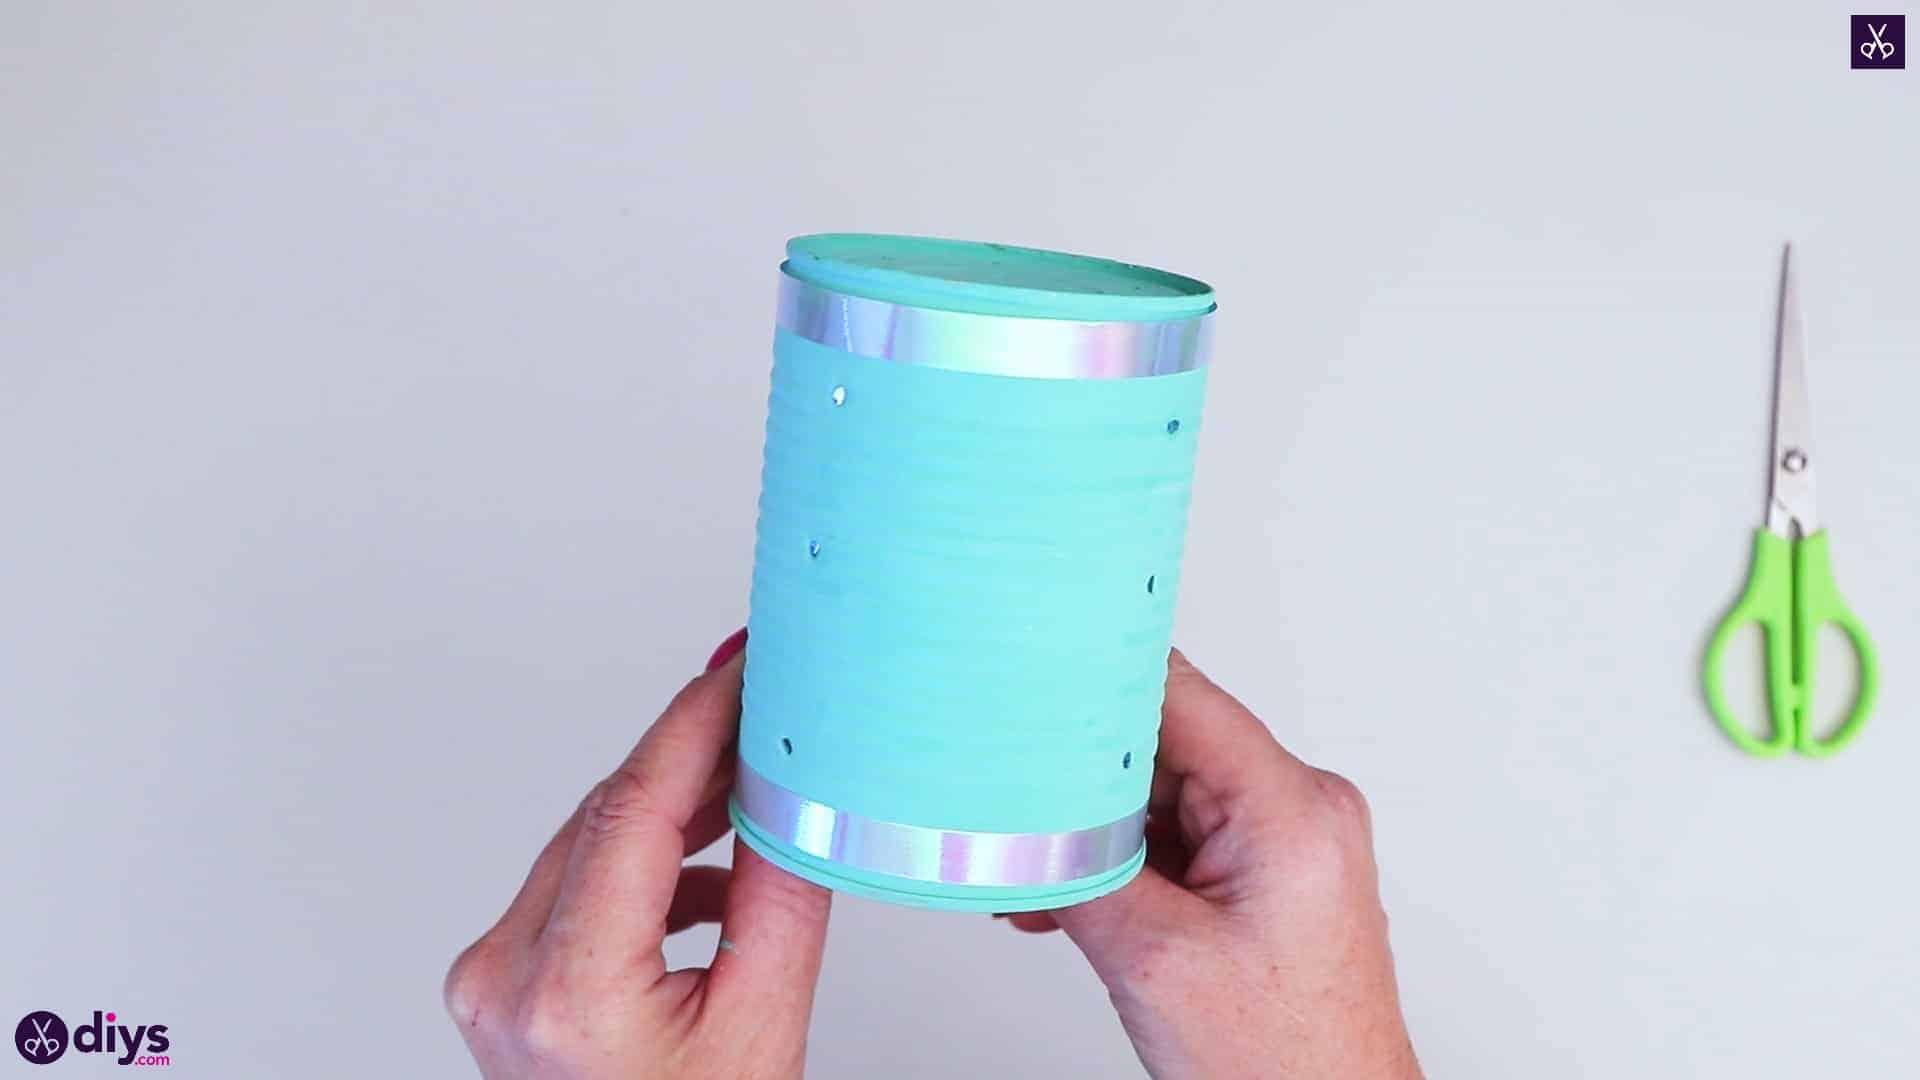 Tin can mood lamp0 display